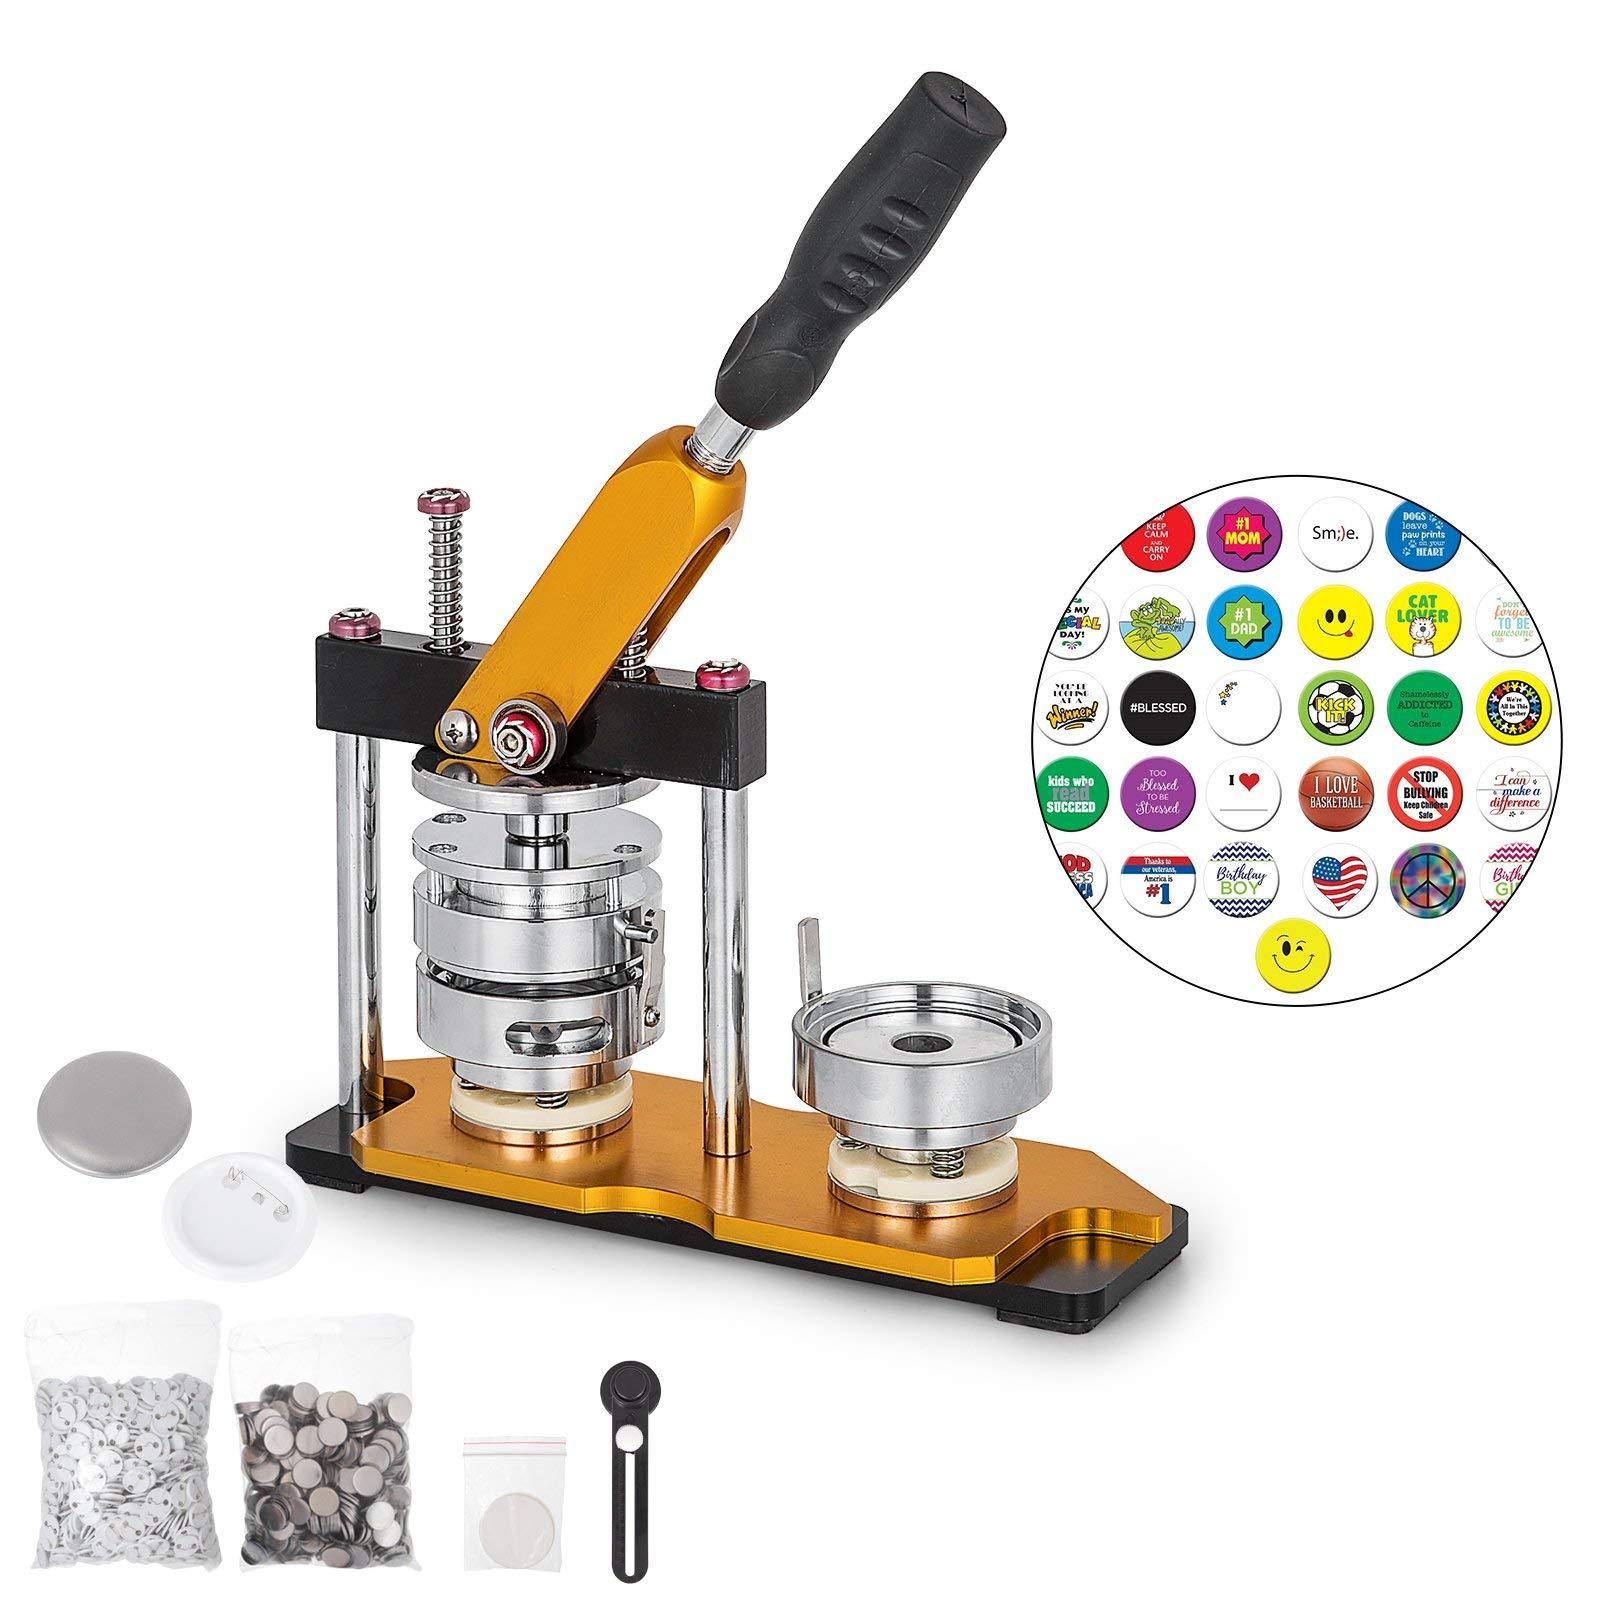 VEVOR Button Maker 58mm Badge Machine with 200 Sets Circle Button Parts Rotate Button Badge Maker Punch Press Machine for DIY Badges by VEVOR